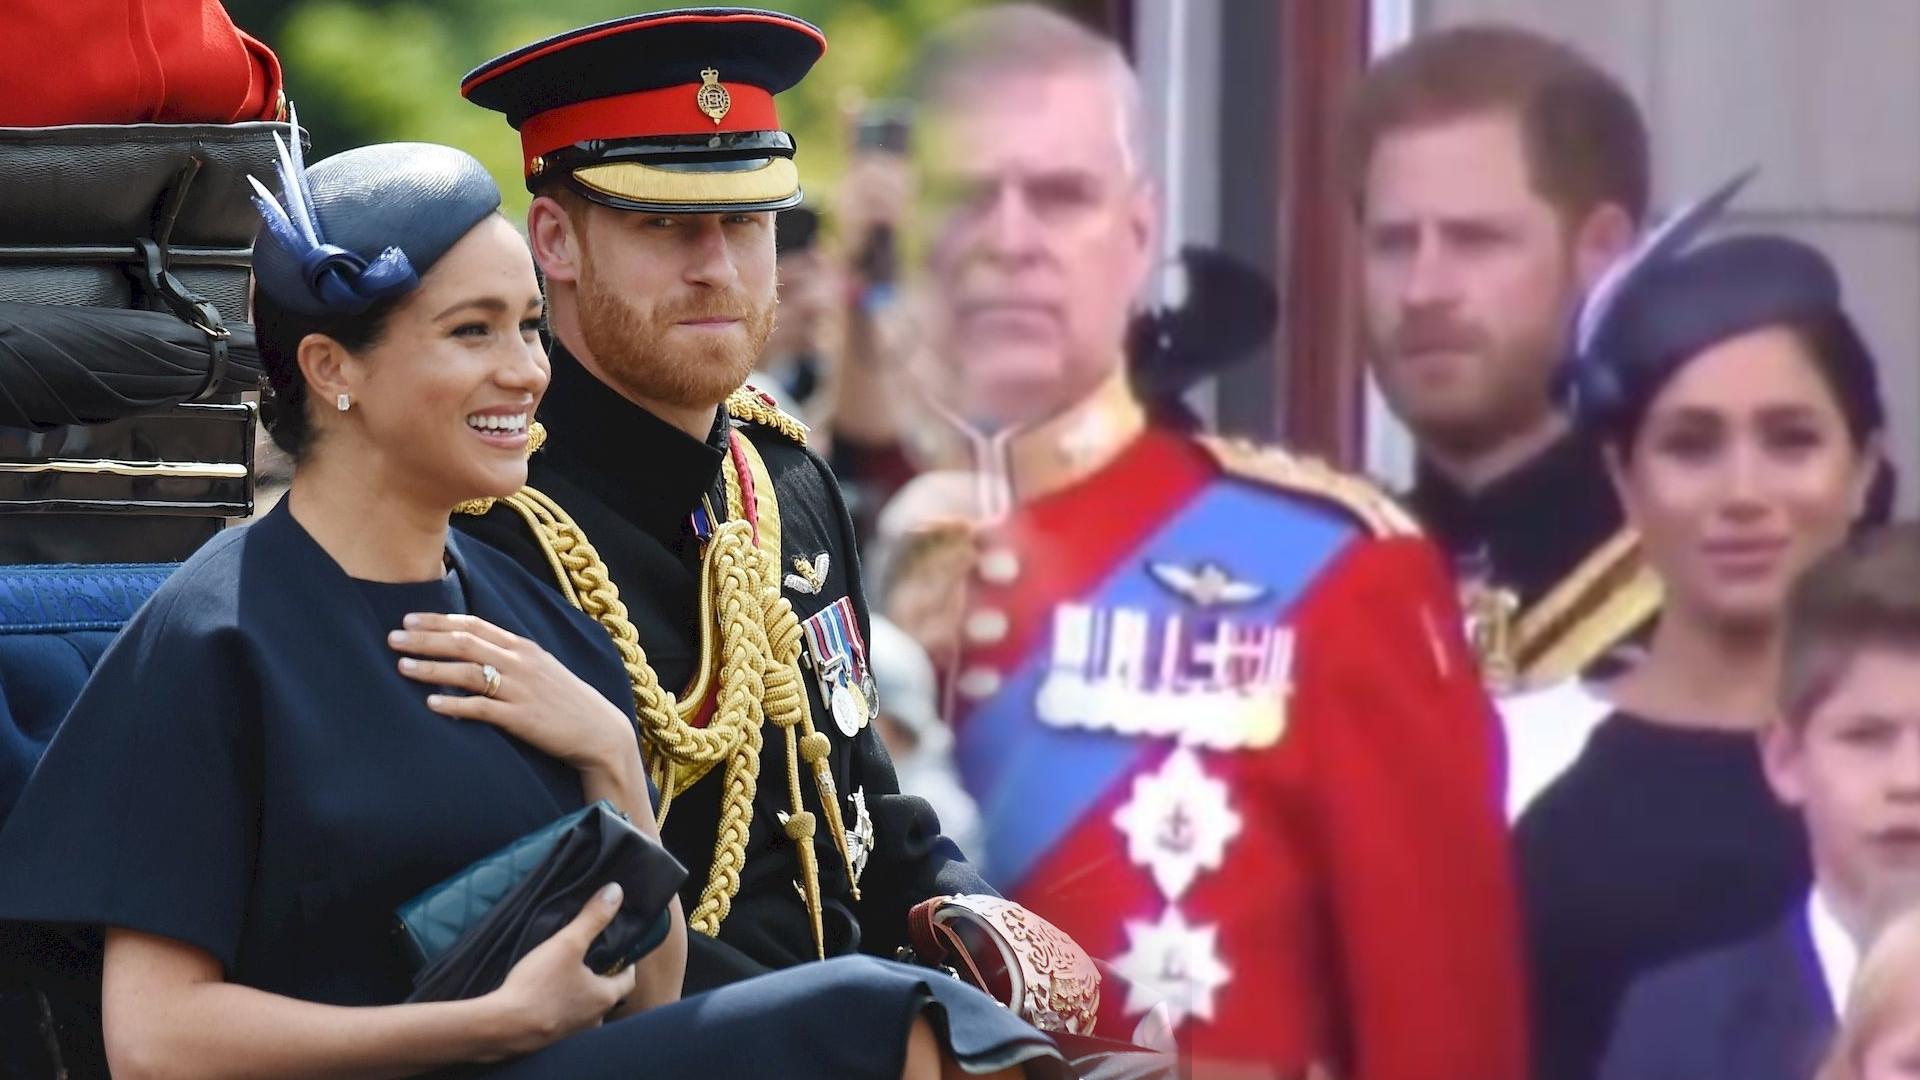 Coś się wydarzyło między Meghan i Harrym na balkonie – księżna prawie PŁAKAŁA